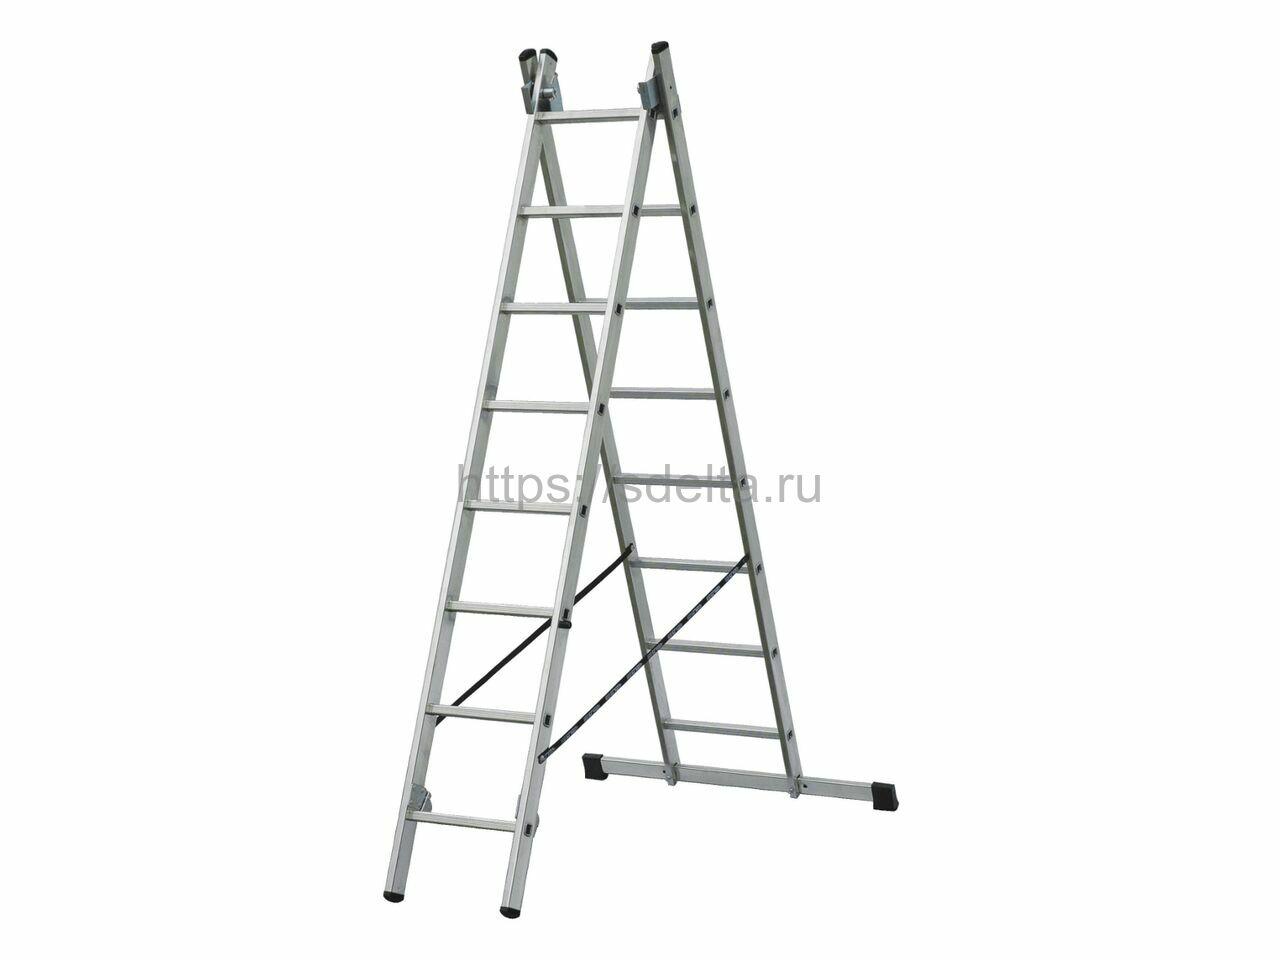 Двухсекционная алюминиевая лестница-стремянка ELKOP VHR 2x9 HK